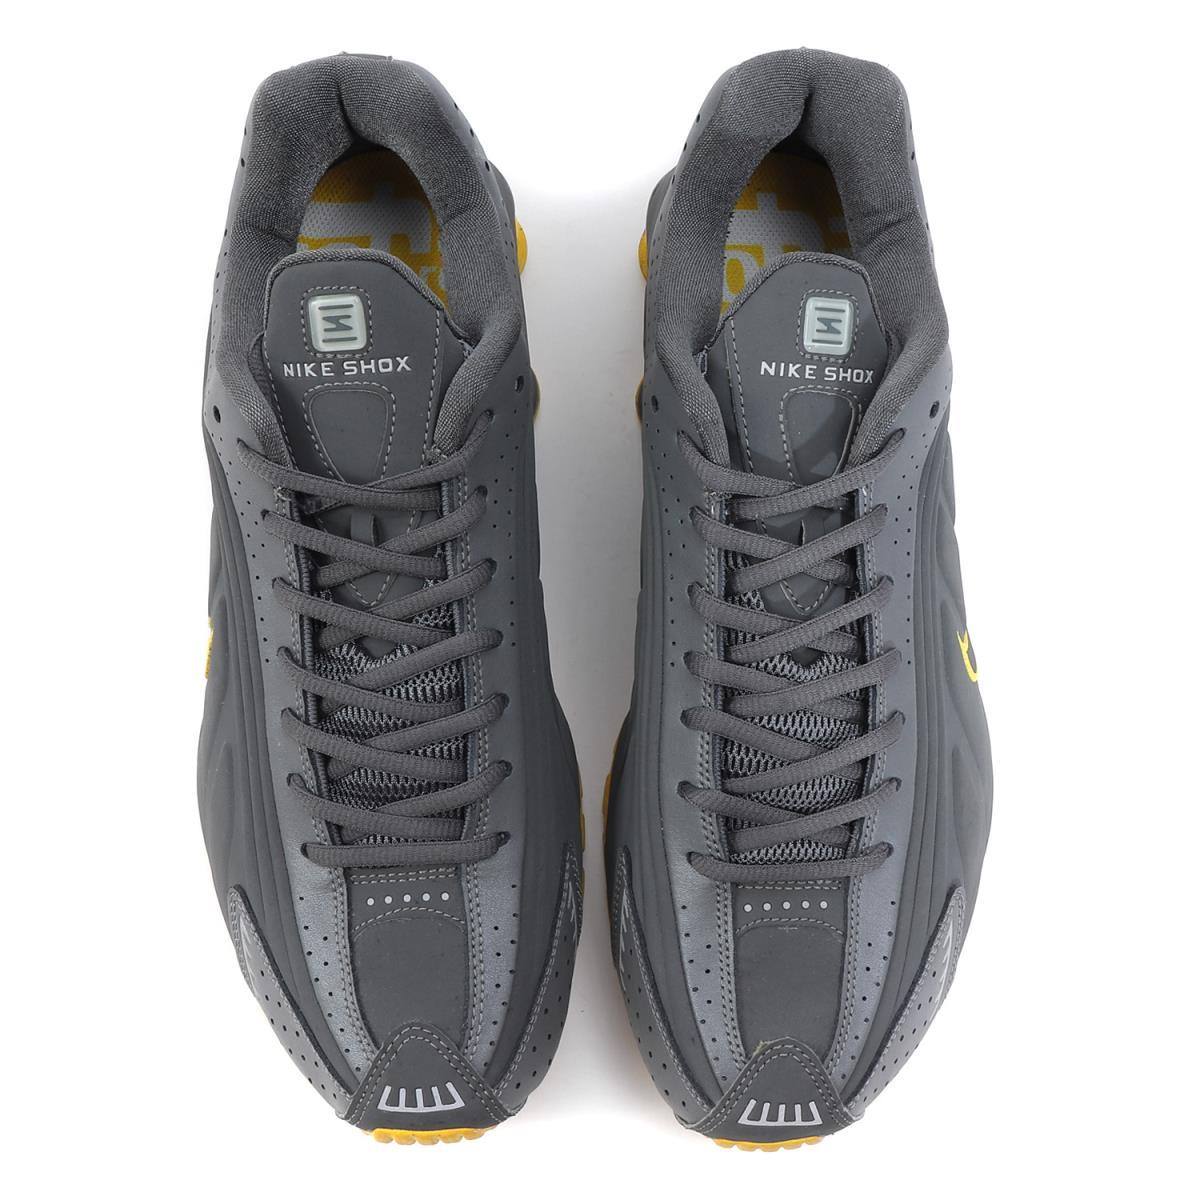 3e08fdd74ab ... NIKE (Nike) SHOX R4 (104